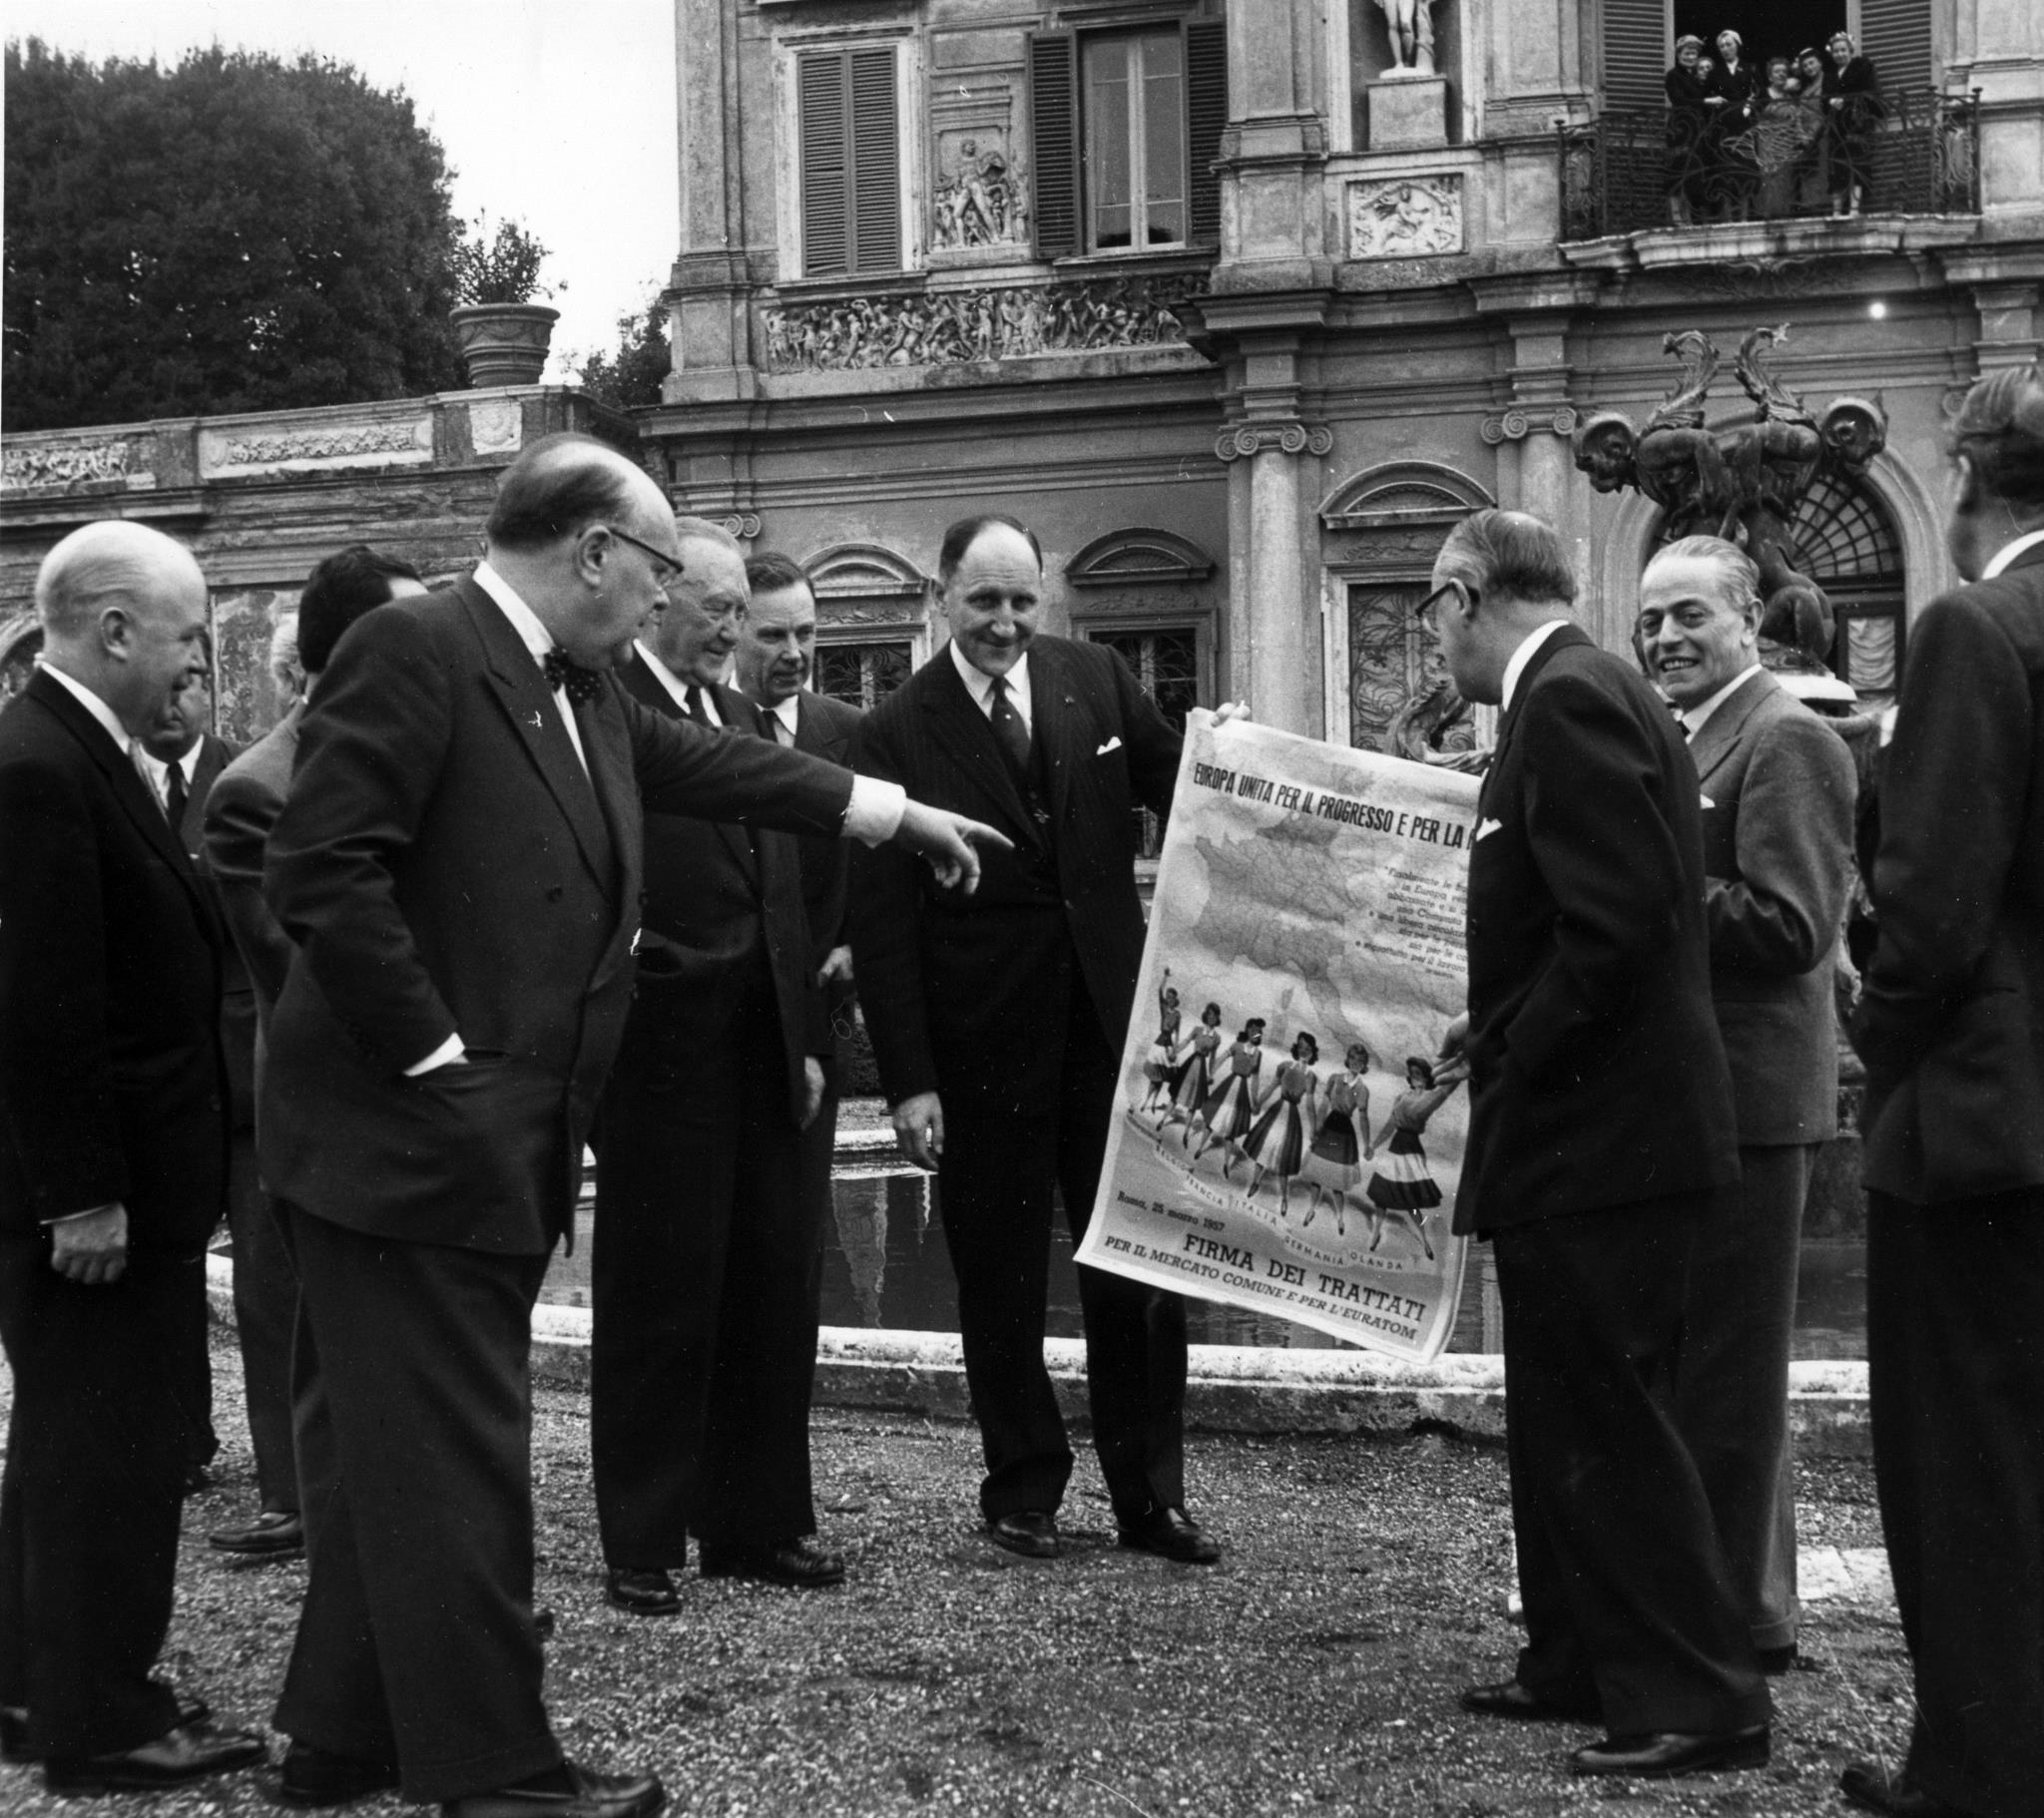 Signatários dos tratados reunidos no jardim da embaixada da Bélgica em Roma, observando um poster que assinalava o evento